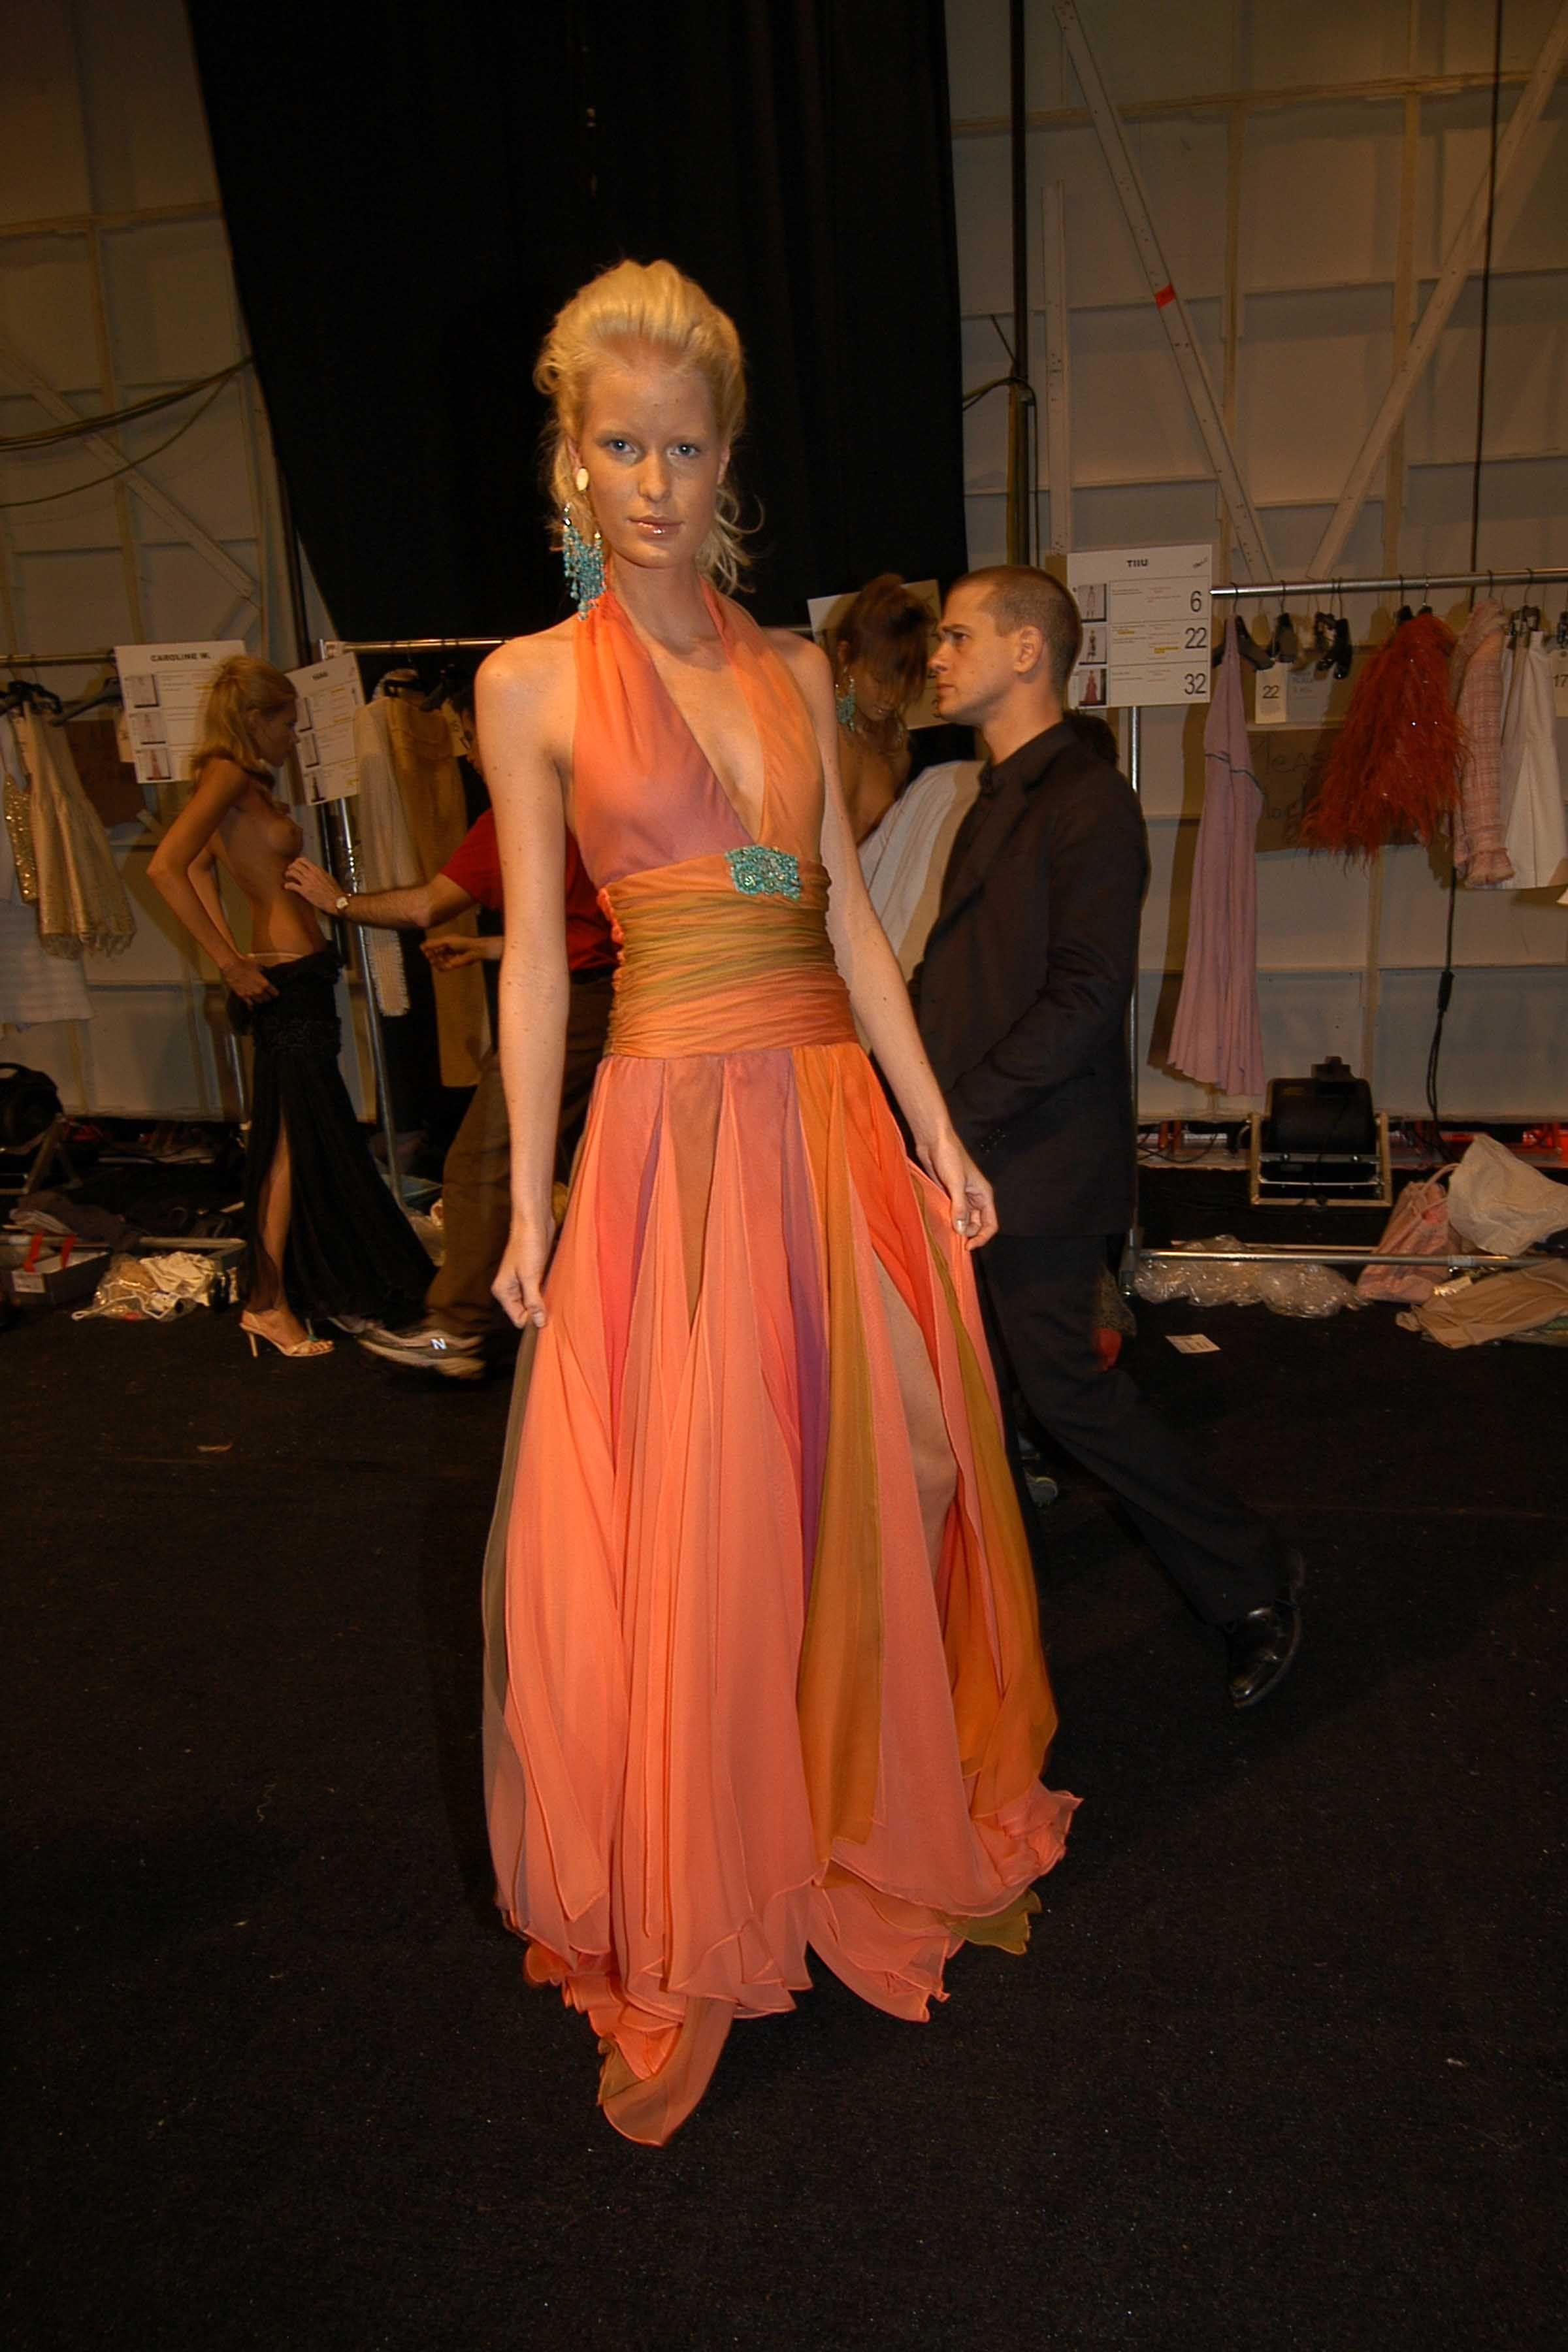 【巨乳あり】ファッションショーの裏側の様子をご覧くださいwwwwwwwwww(画像63枚)・50枚目